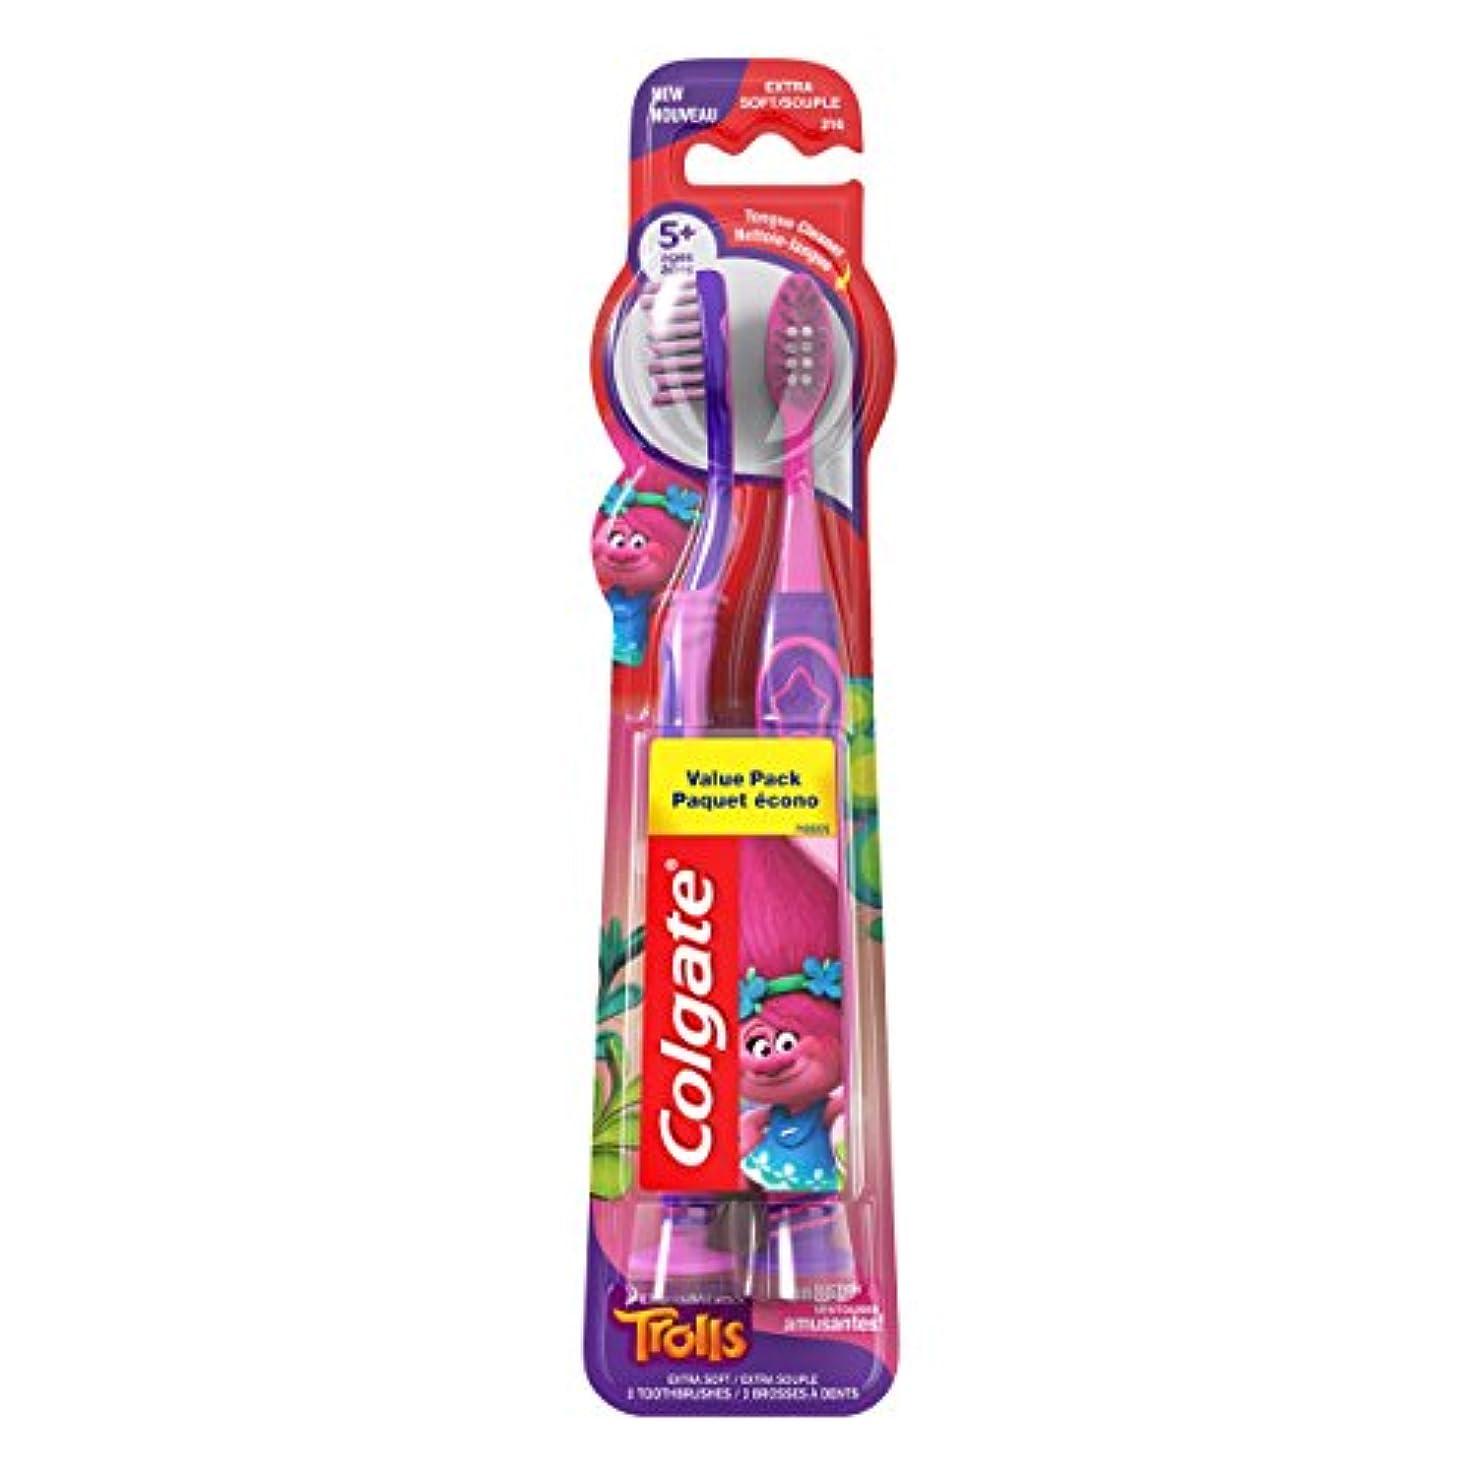 歌虫お金Colgate キッズ歯ブラシ、トロルバリューパック、エクストラソフト、2カウント